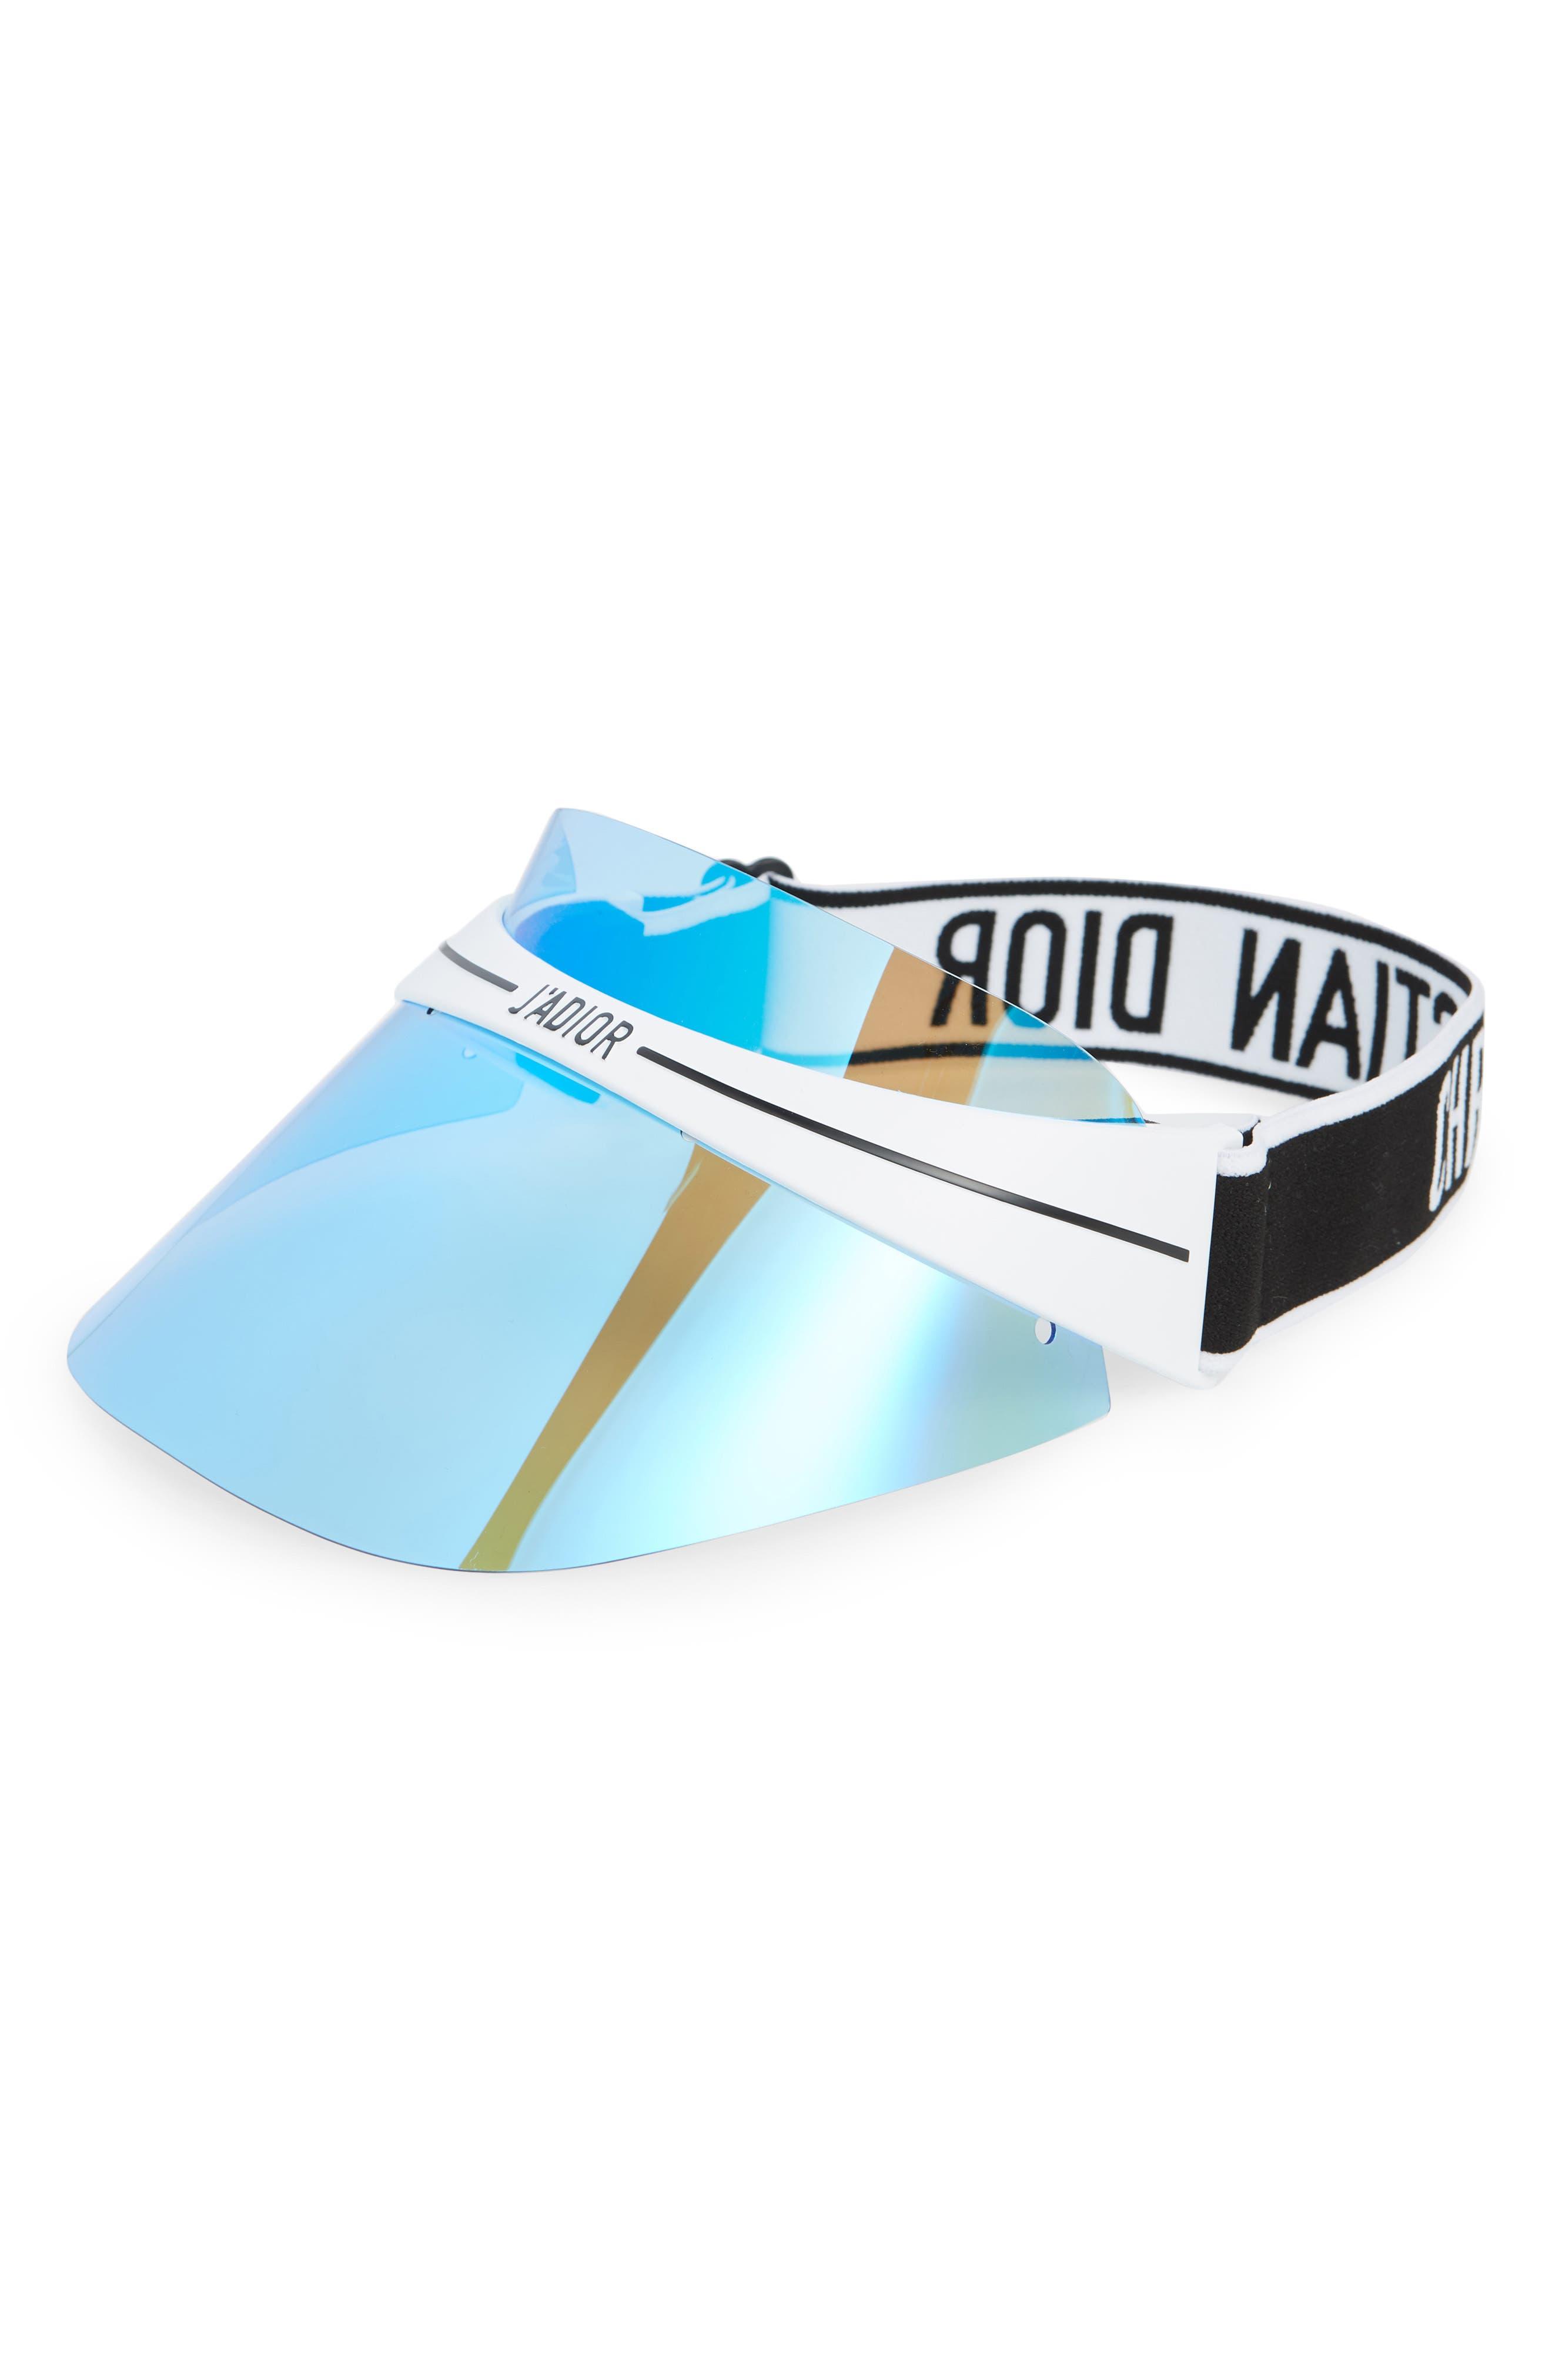 DiorClub1 Visor,                         Main,                         color, METALLIC BLUE/ GUNMETAL